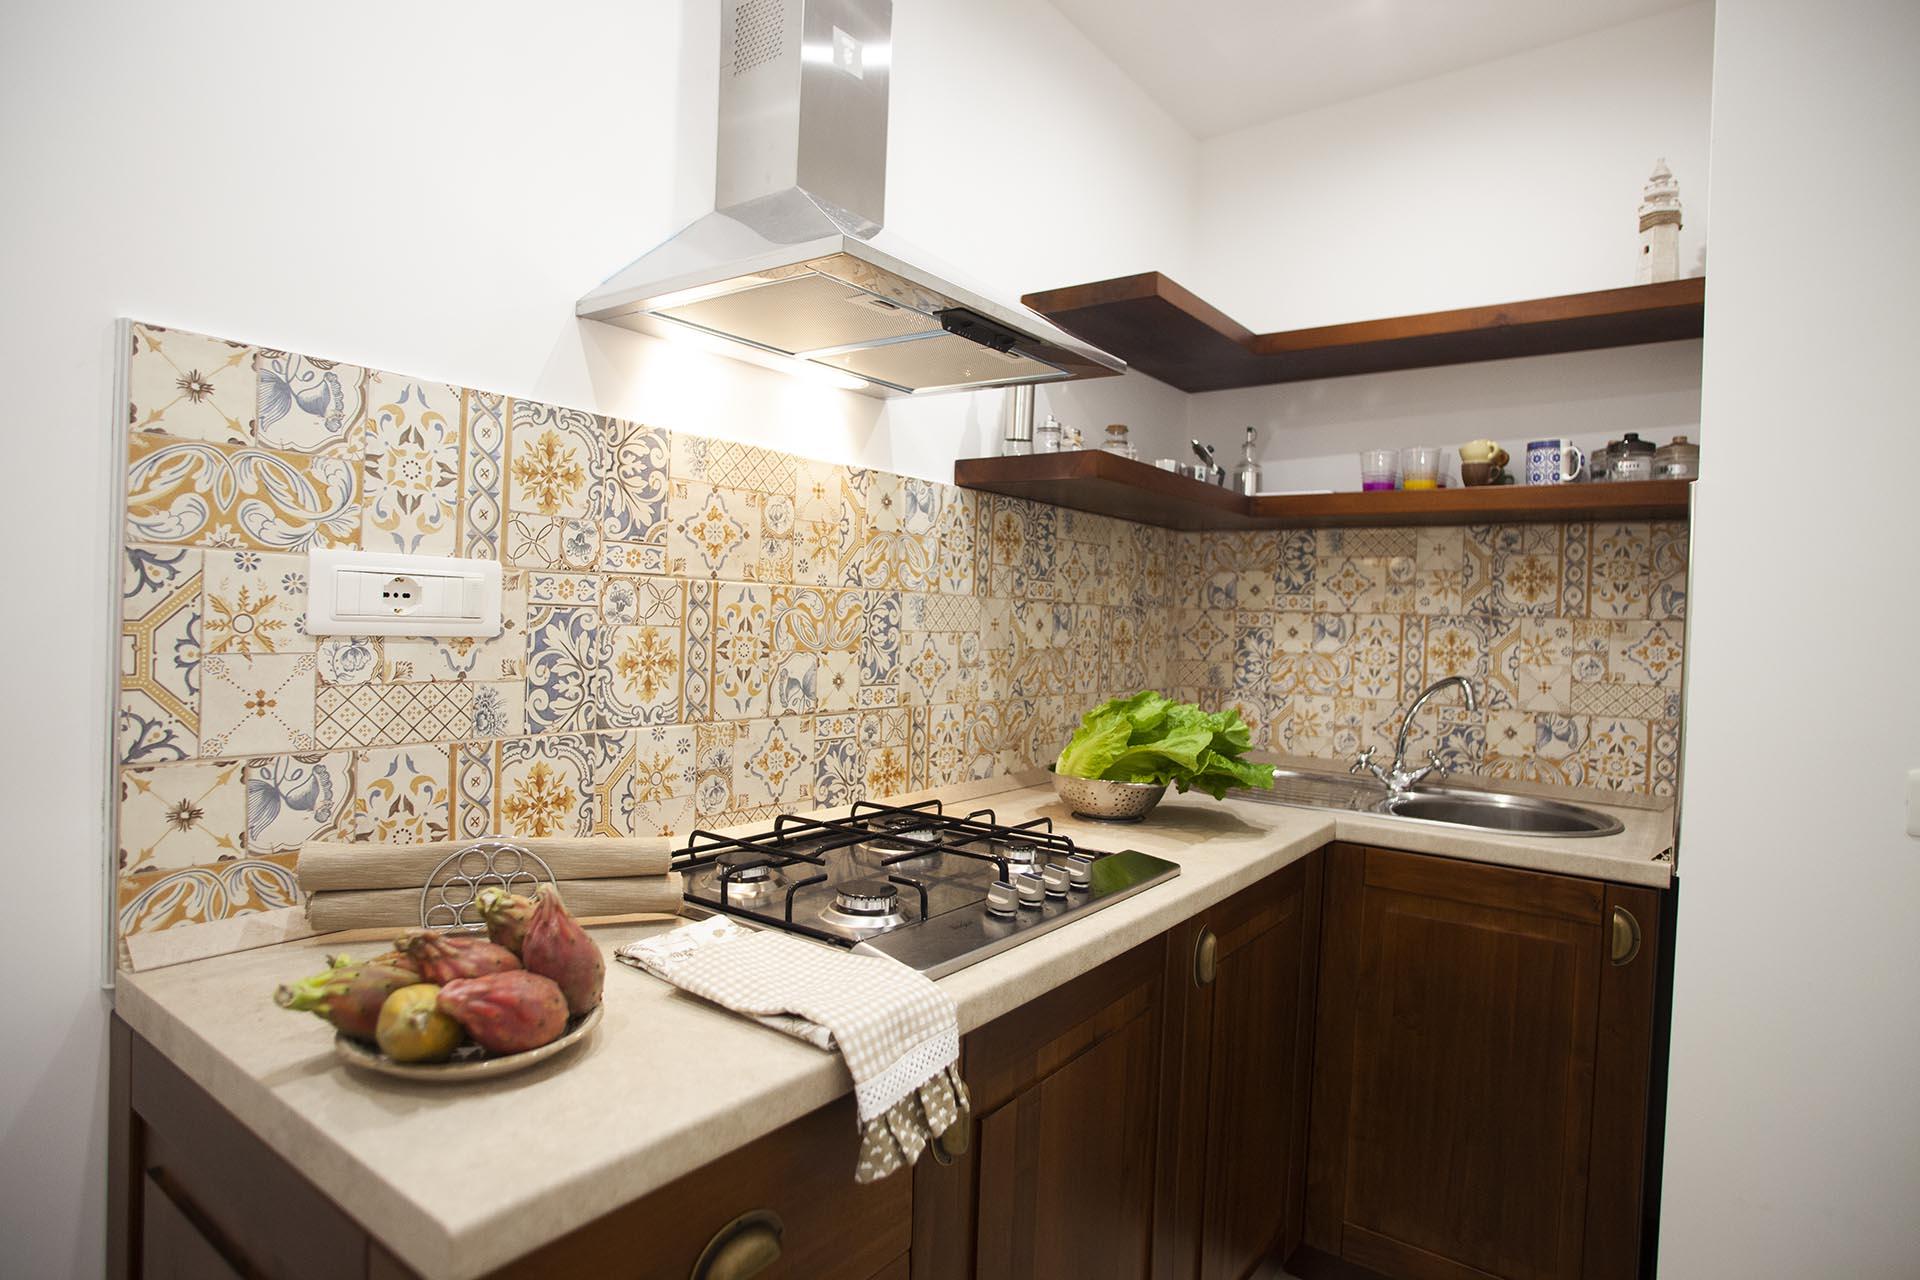 La Nina cucina